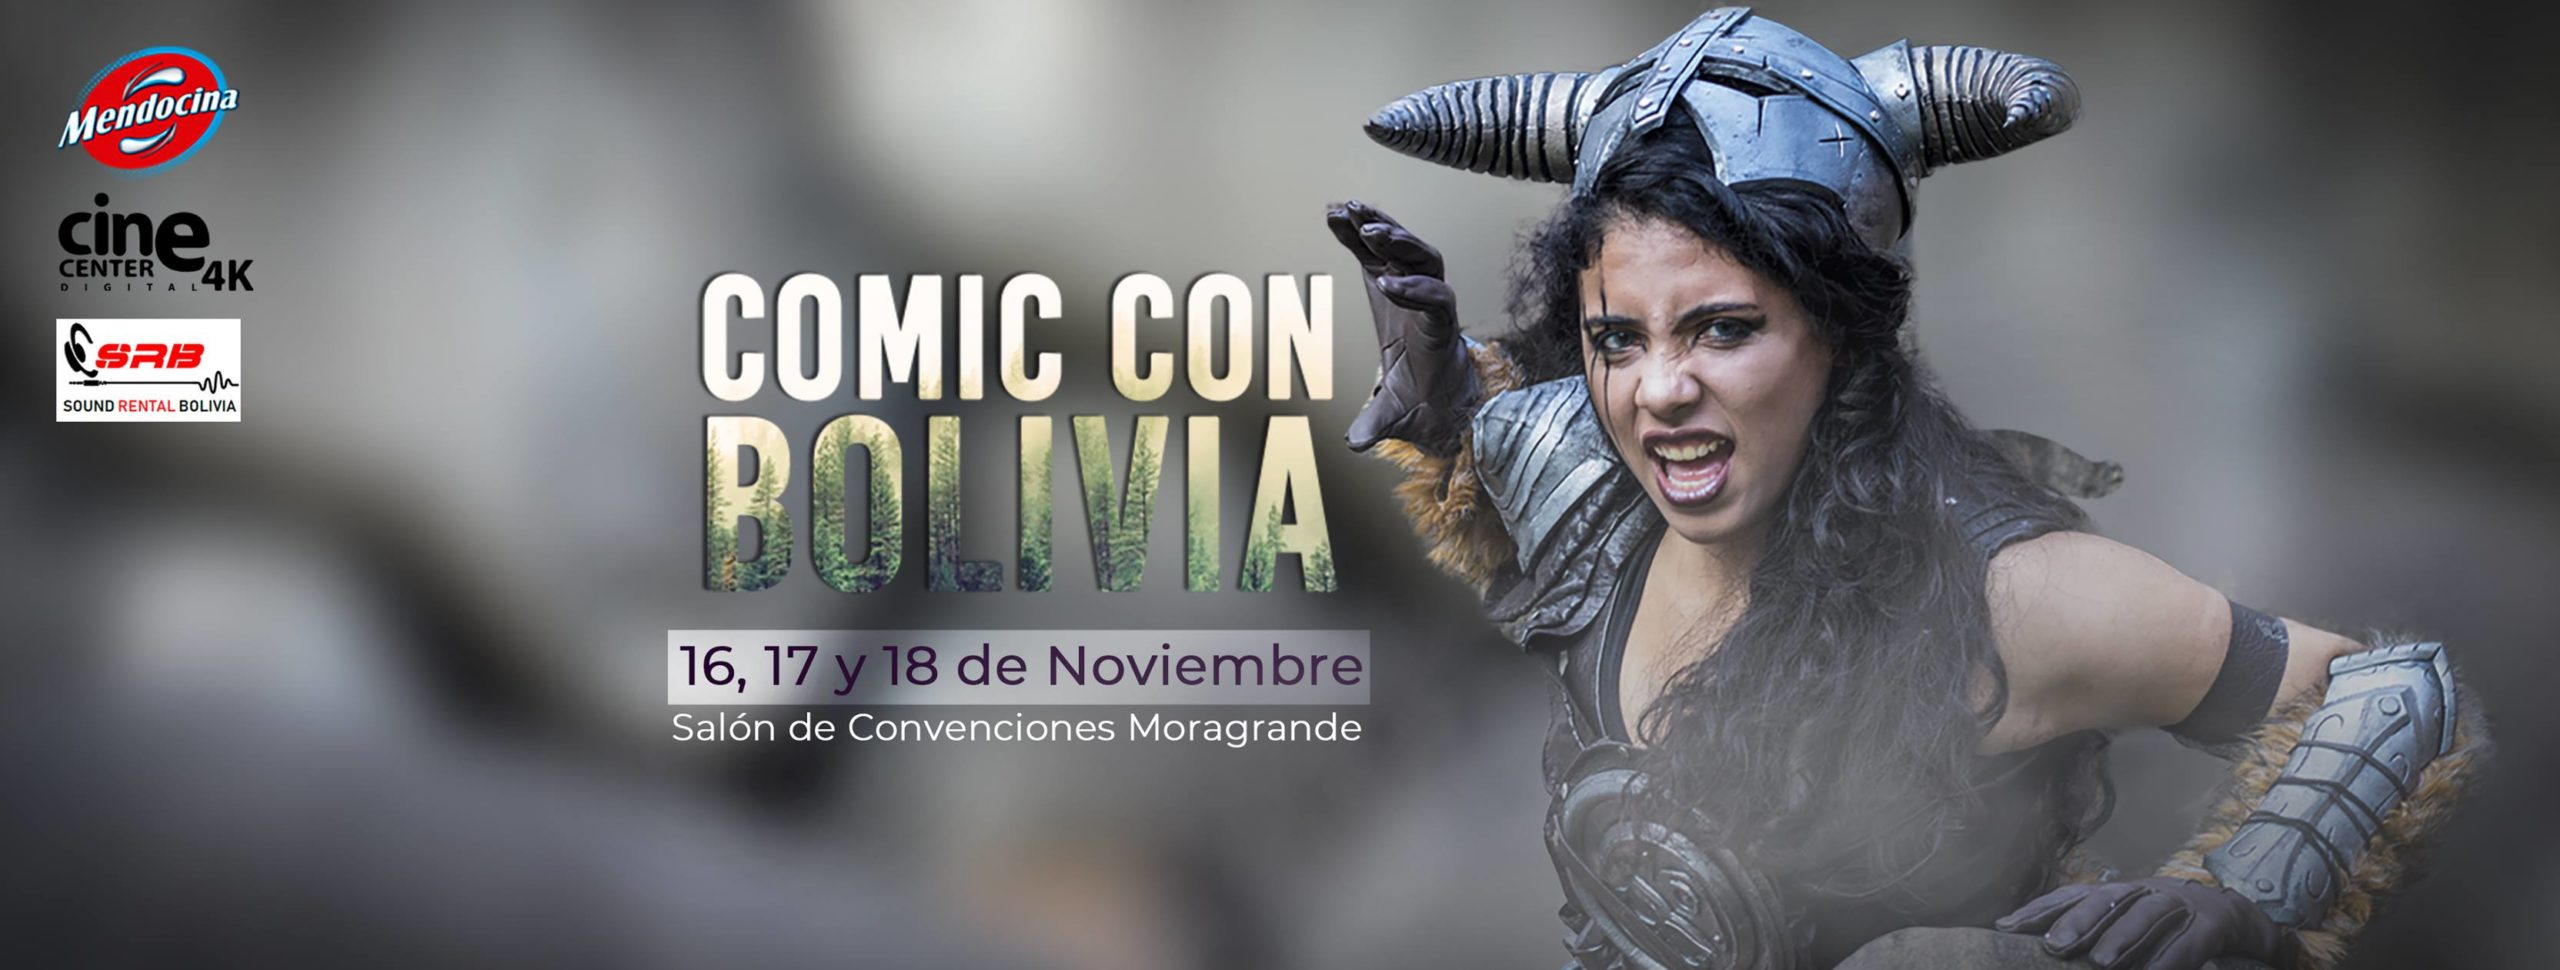 Comic Con Bolivia